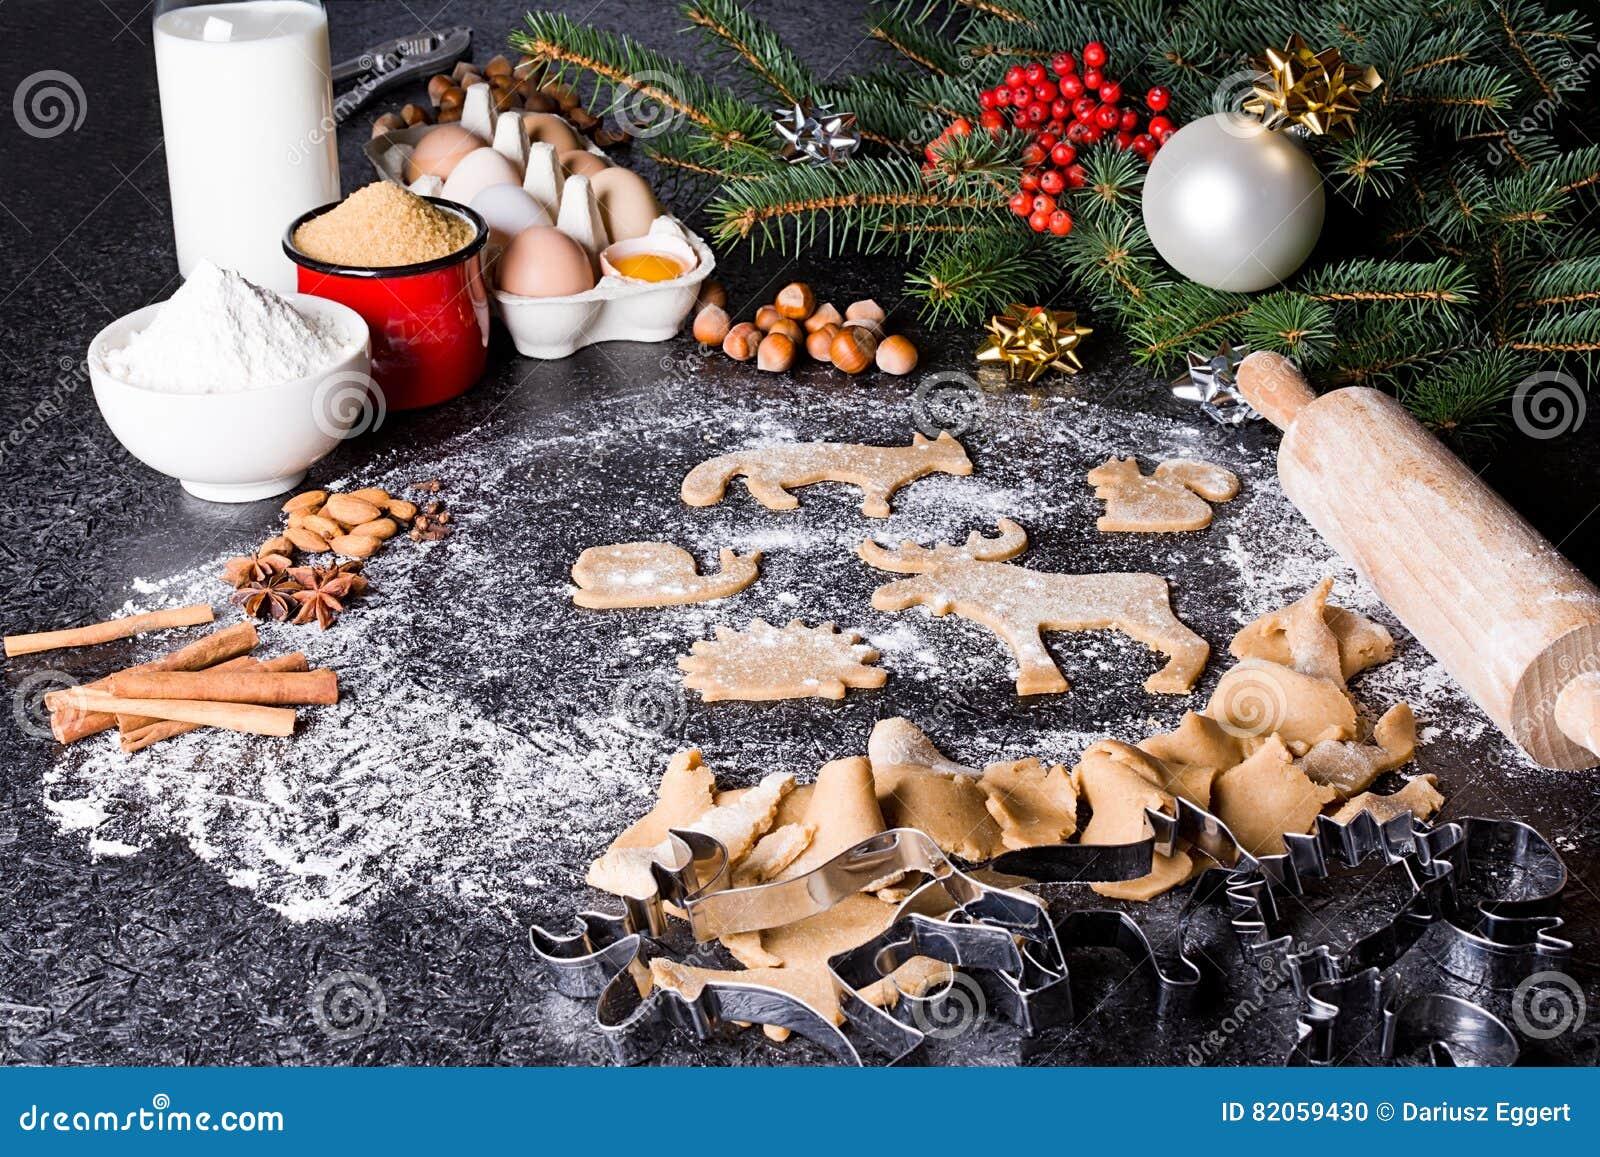 Ingredients De Cuisson Pour Le Pain D Epice De Biscuits De Noel